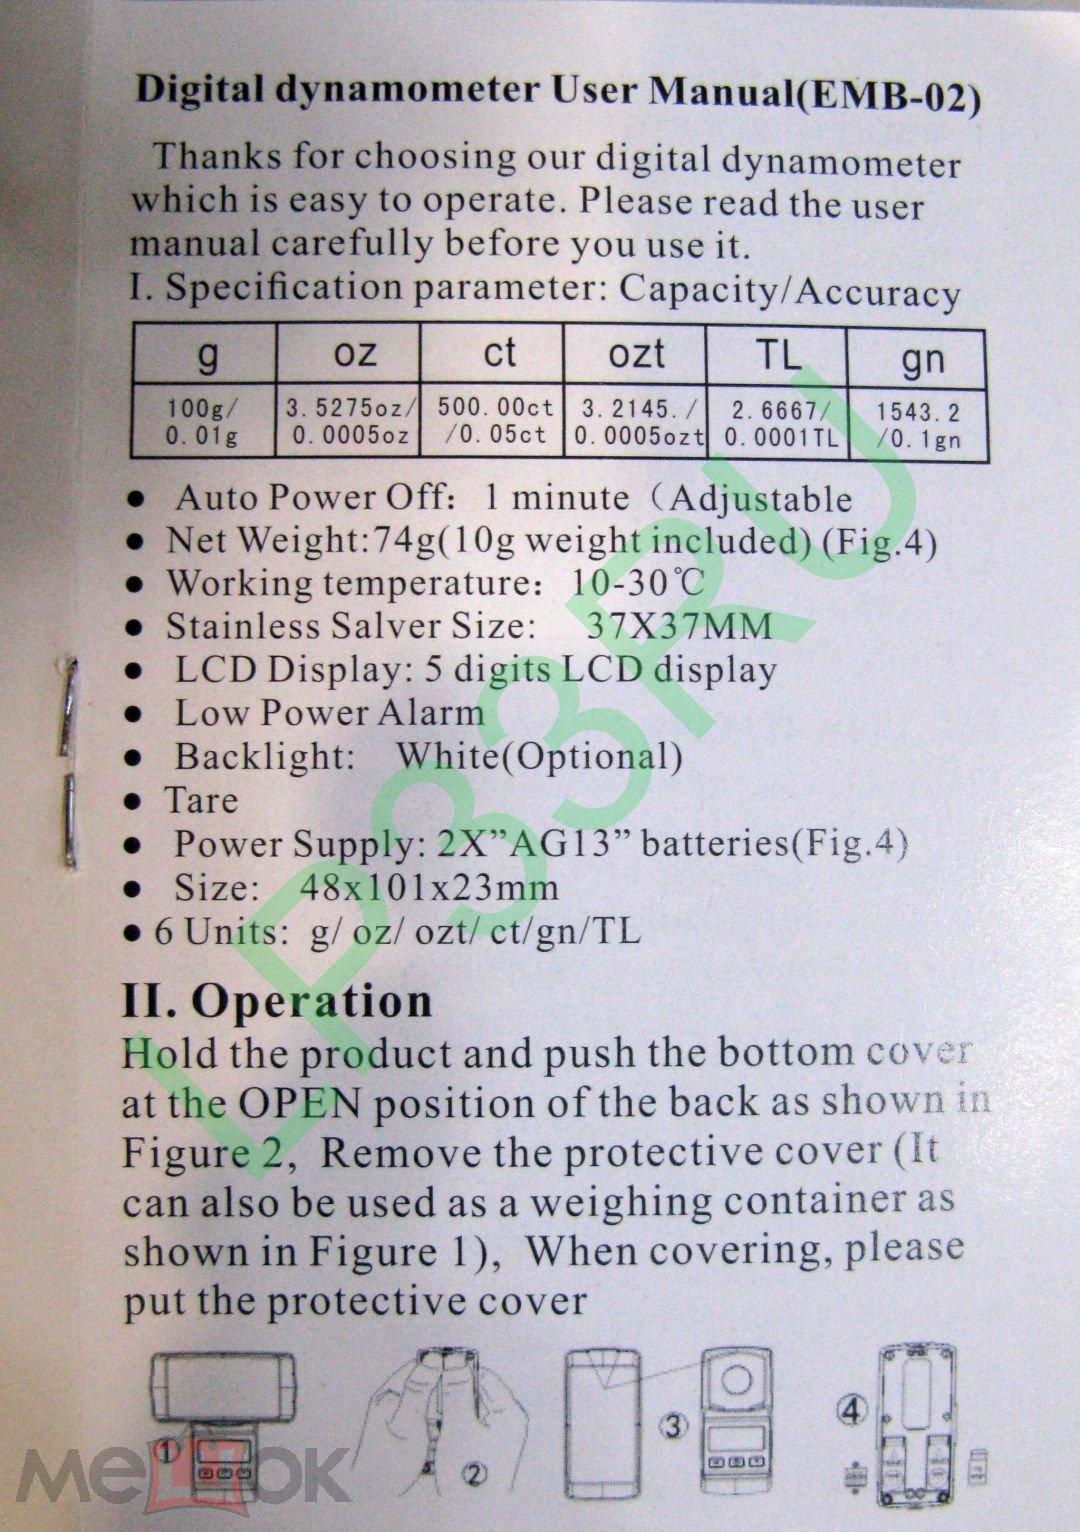 Весы универсальные (0,01гр. - 100гр.) для настройки параметров винилового проигрывателя